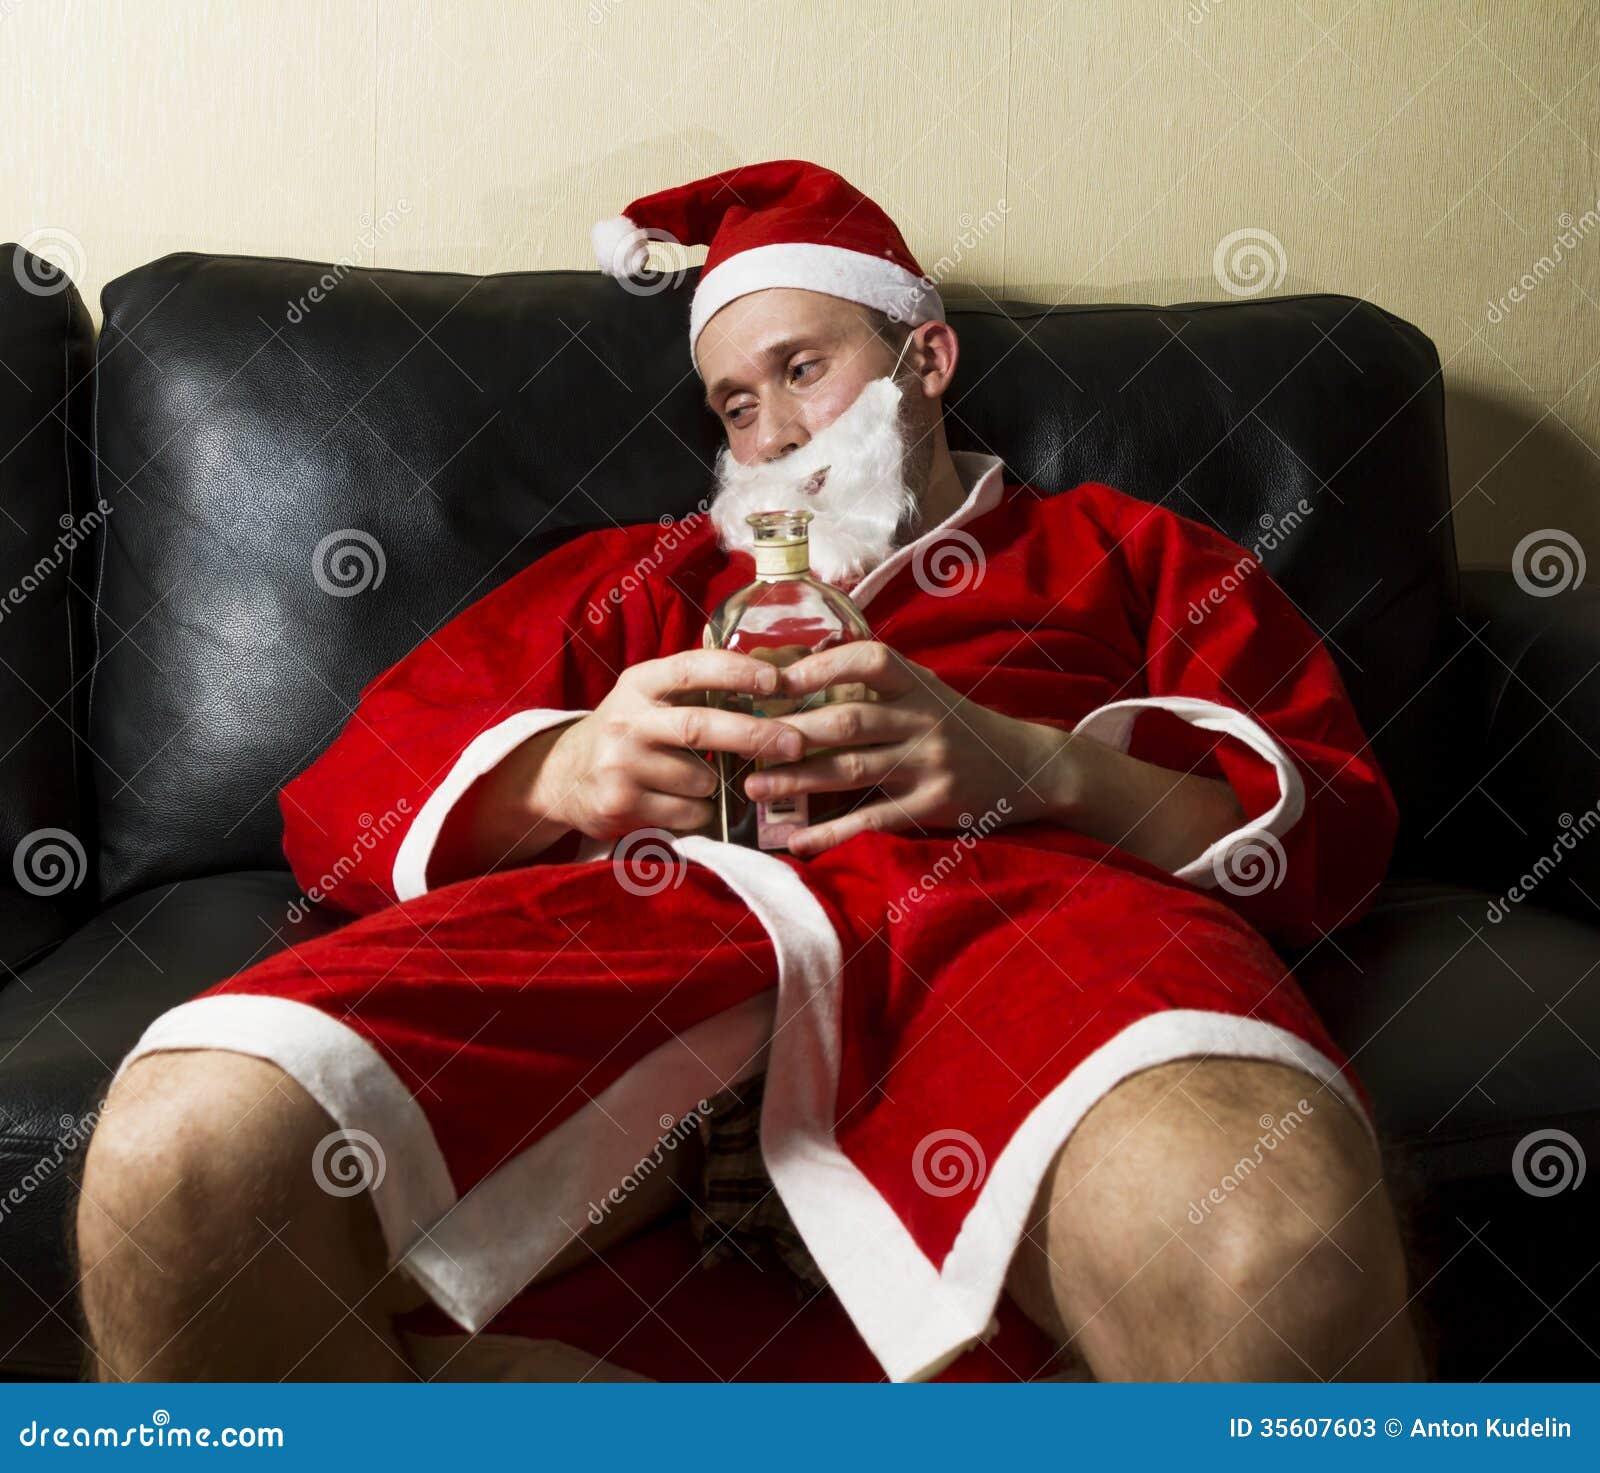 Drunk santa claus already far